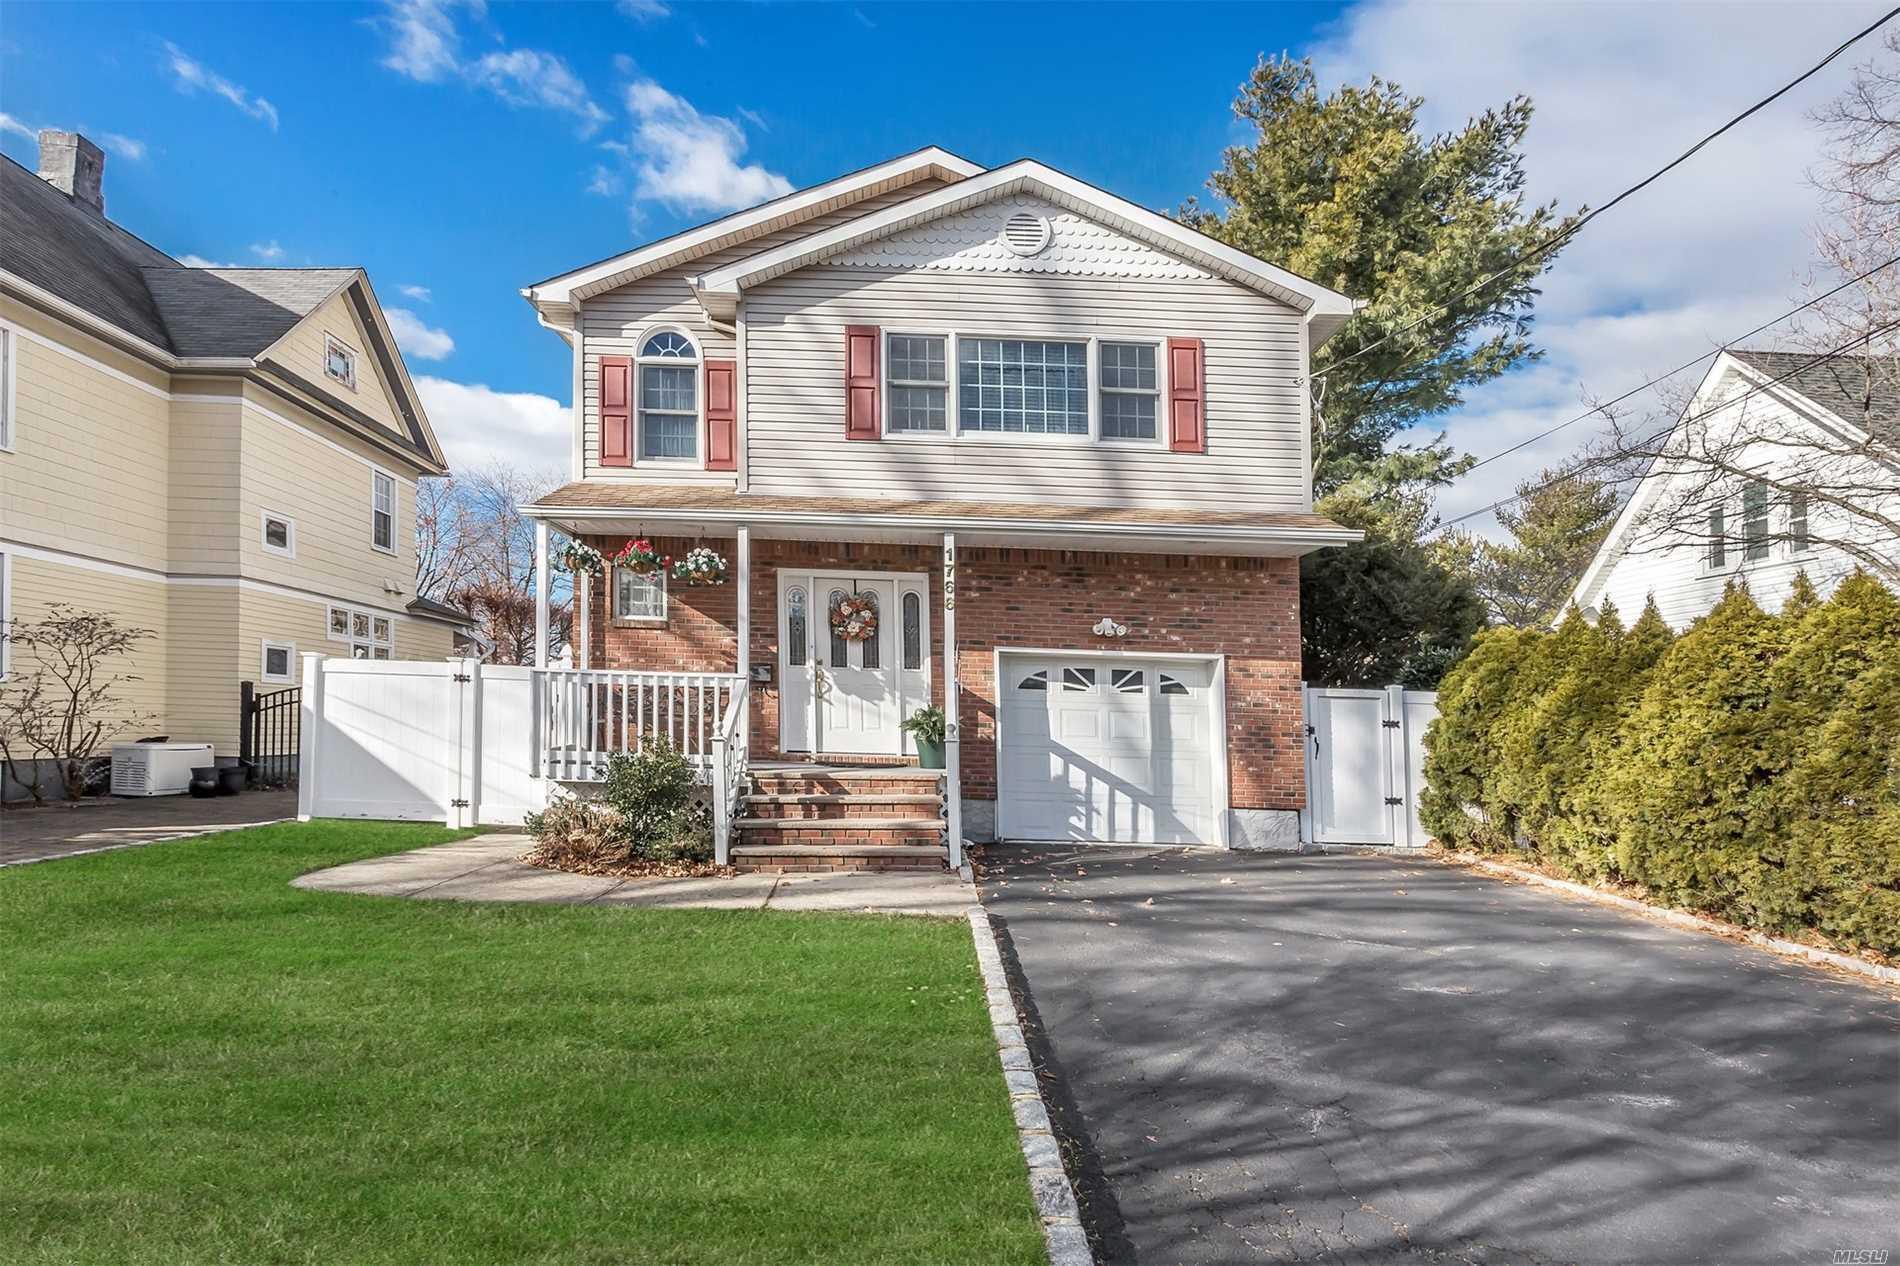 1766 Stevens Ave - N. Merrick, New York